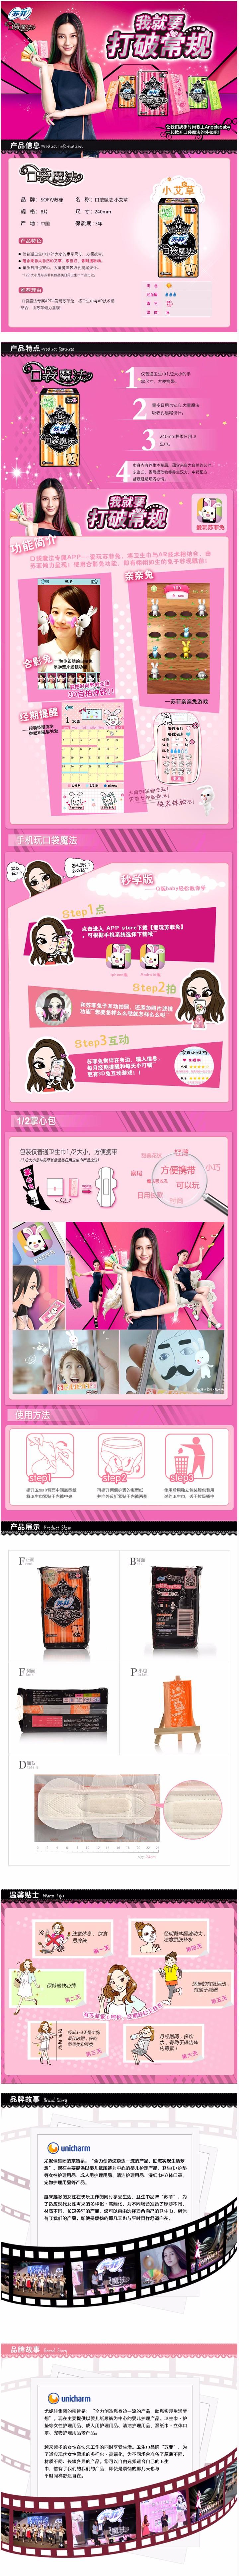 蘇菲-SOFY衛生巾口袋魔法小艾.jpg